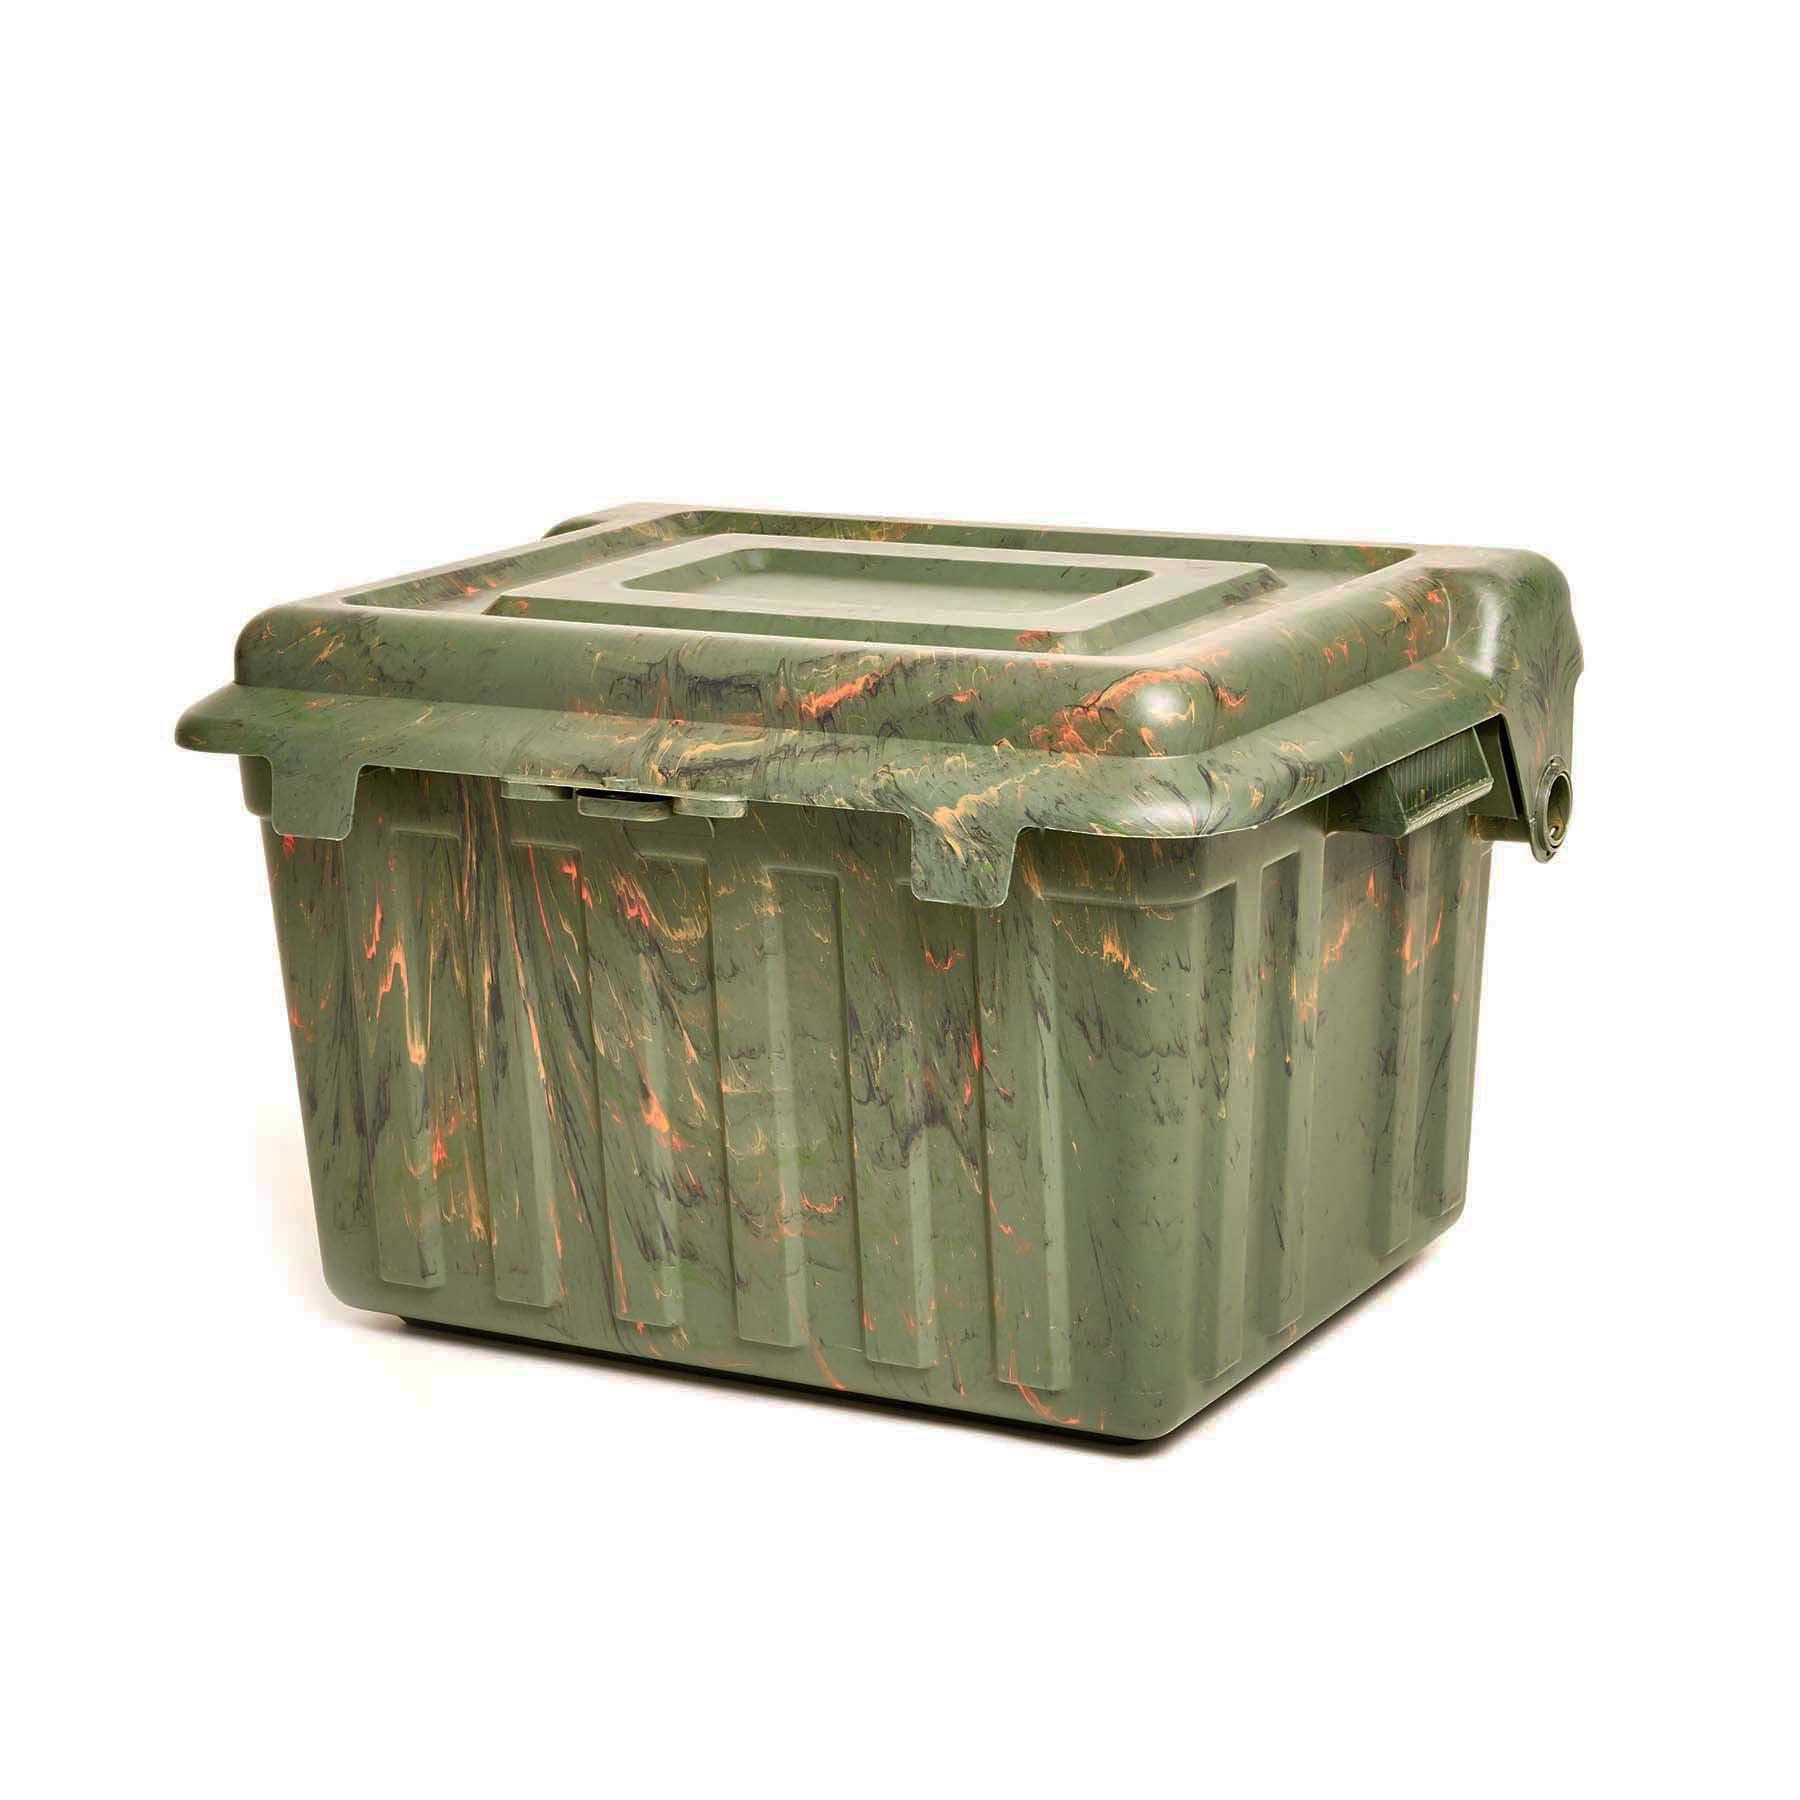 Homz Durabilt® Camo Locker Box with Tray, Set of 2